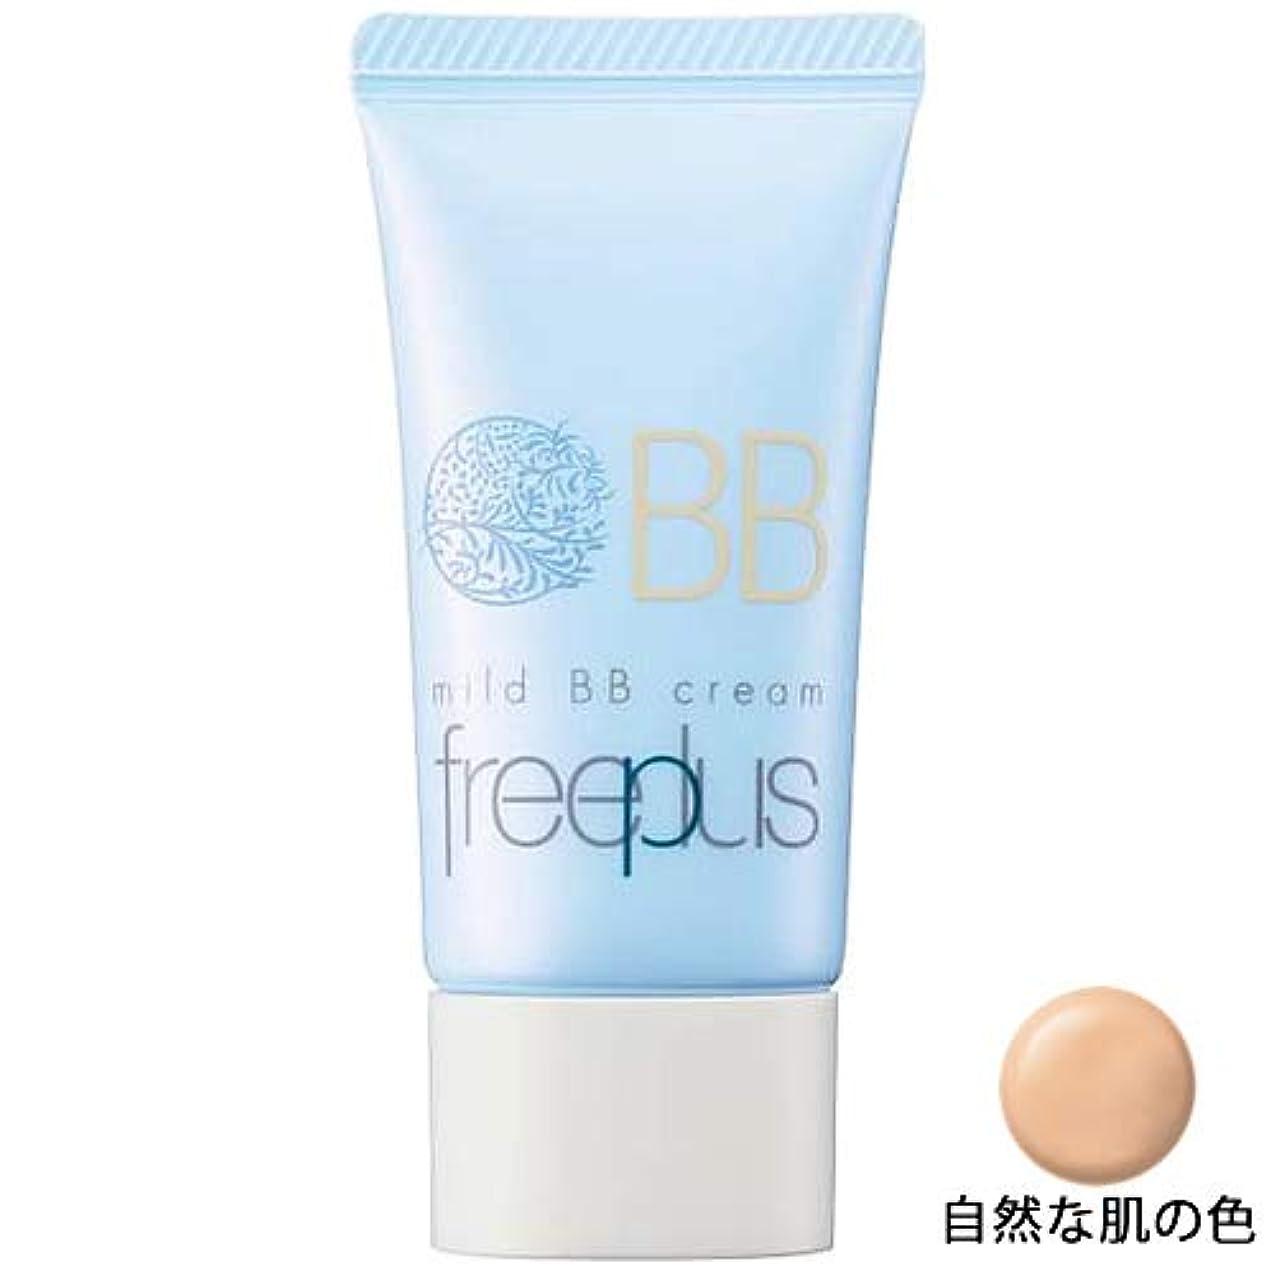 フリープラス FREEPLUS フリープラス マイルドBBクリーム 30g [並行輸入品]